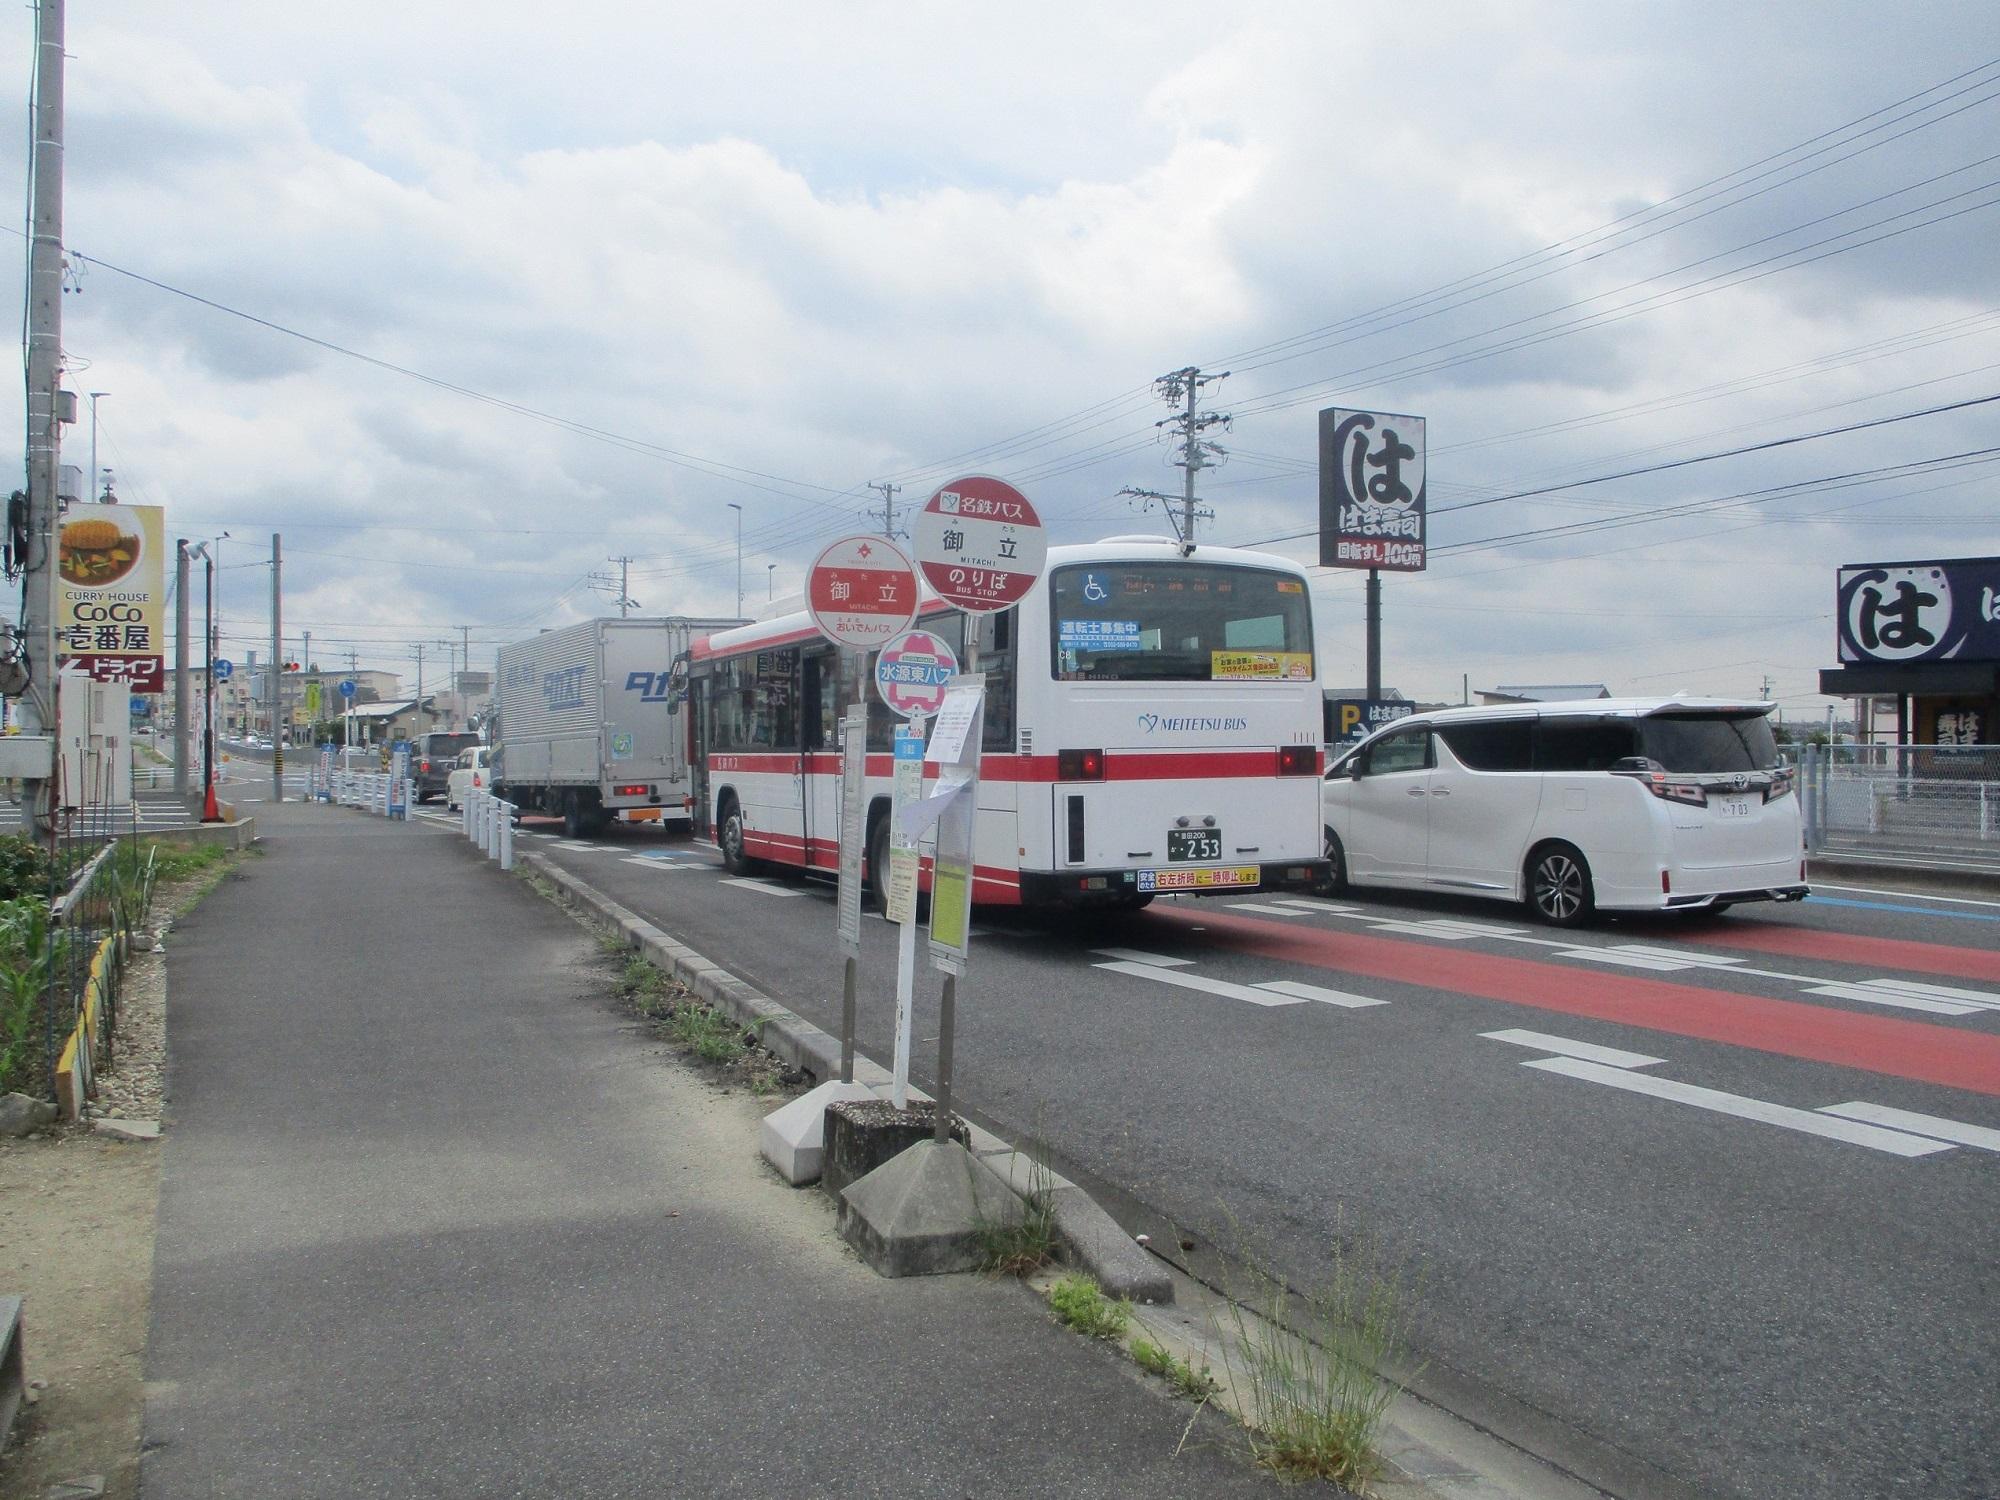 2020.5.27 (15) 御立バス停 - 古瀬間町いきバス 2000-1500